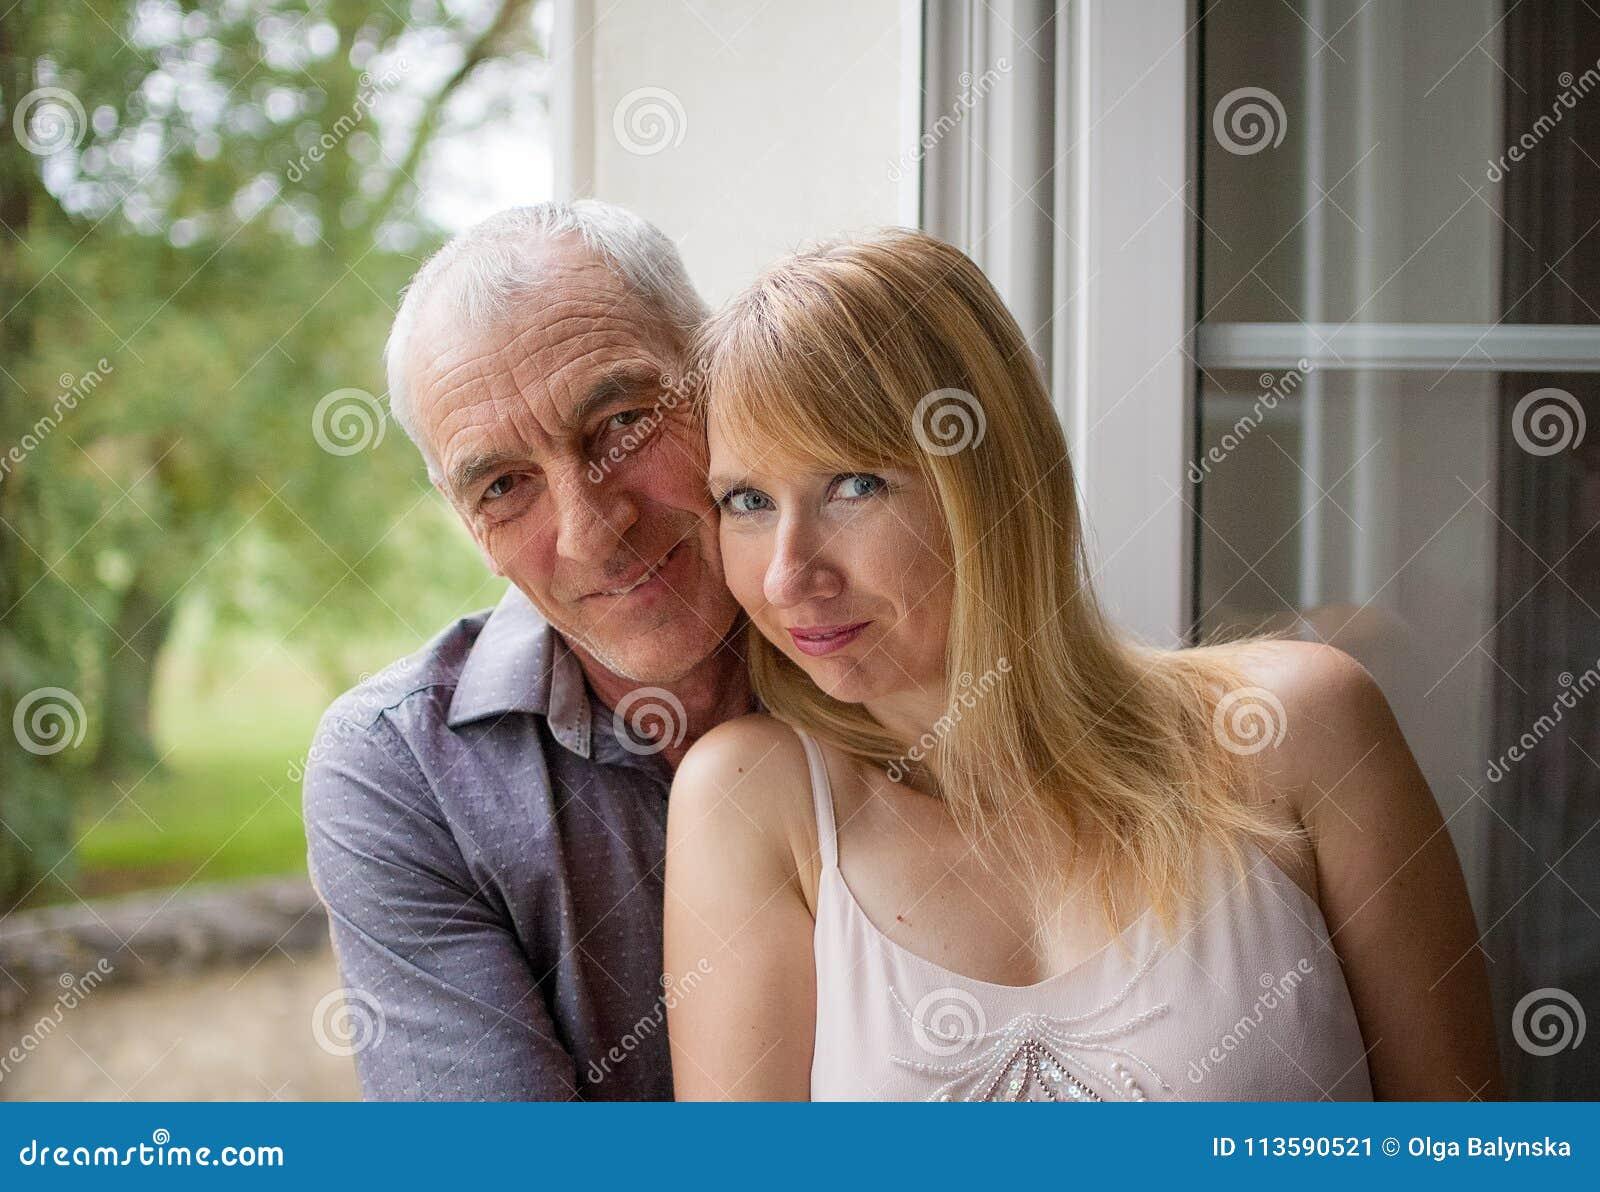 Retrato do close up de pares felizes com a diferença da idade que abraça perto da janela em sua casa durante o dia quente do verã